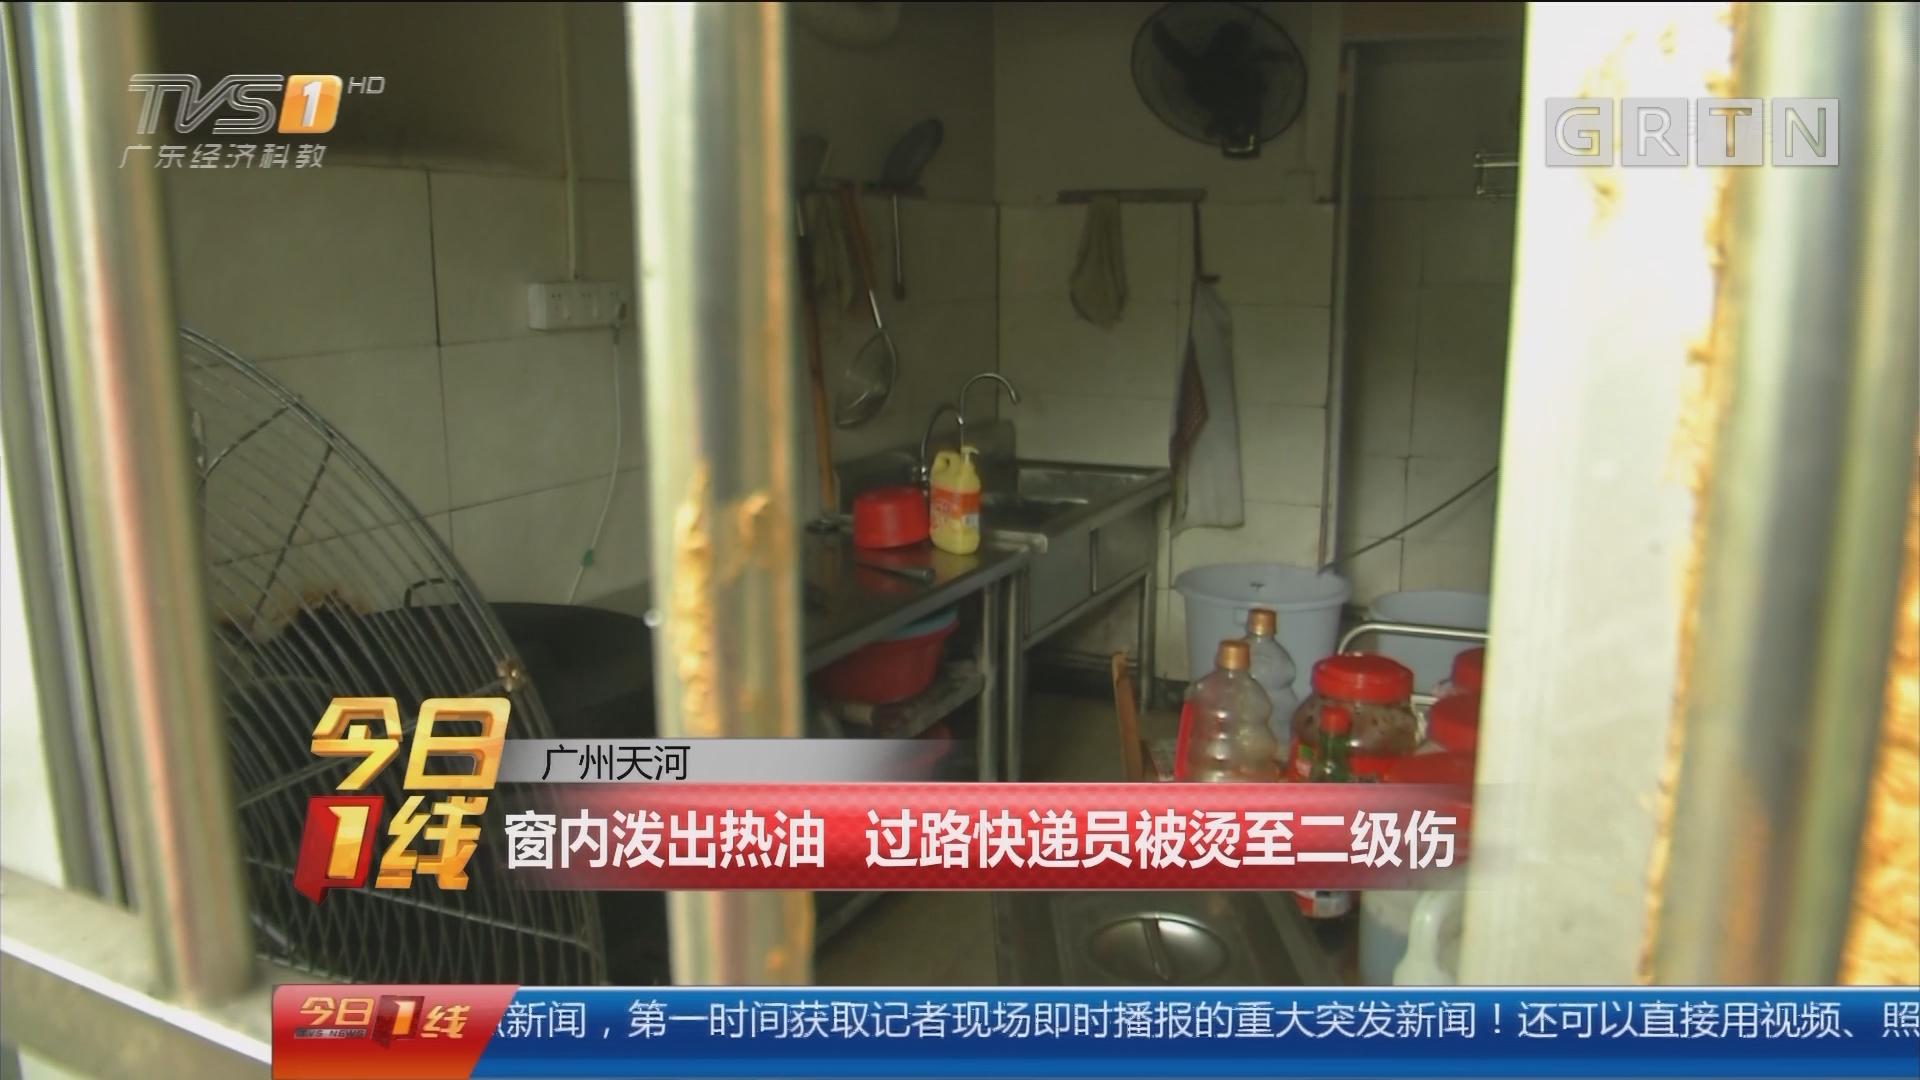 广州天河:窗内泼出热油 过路快递员被烫至二级伤